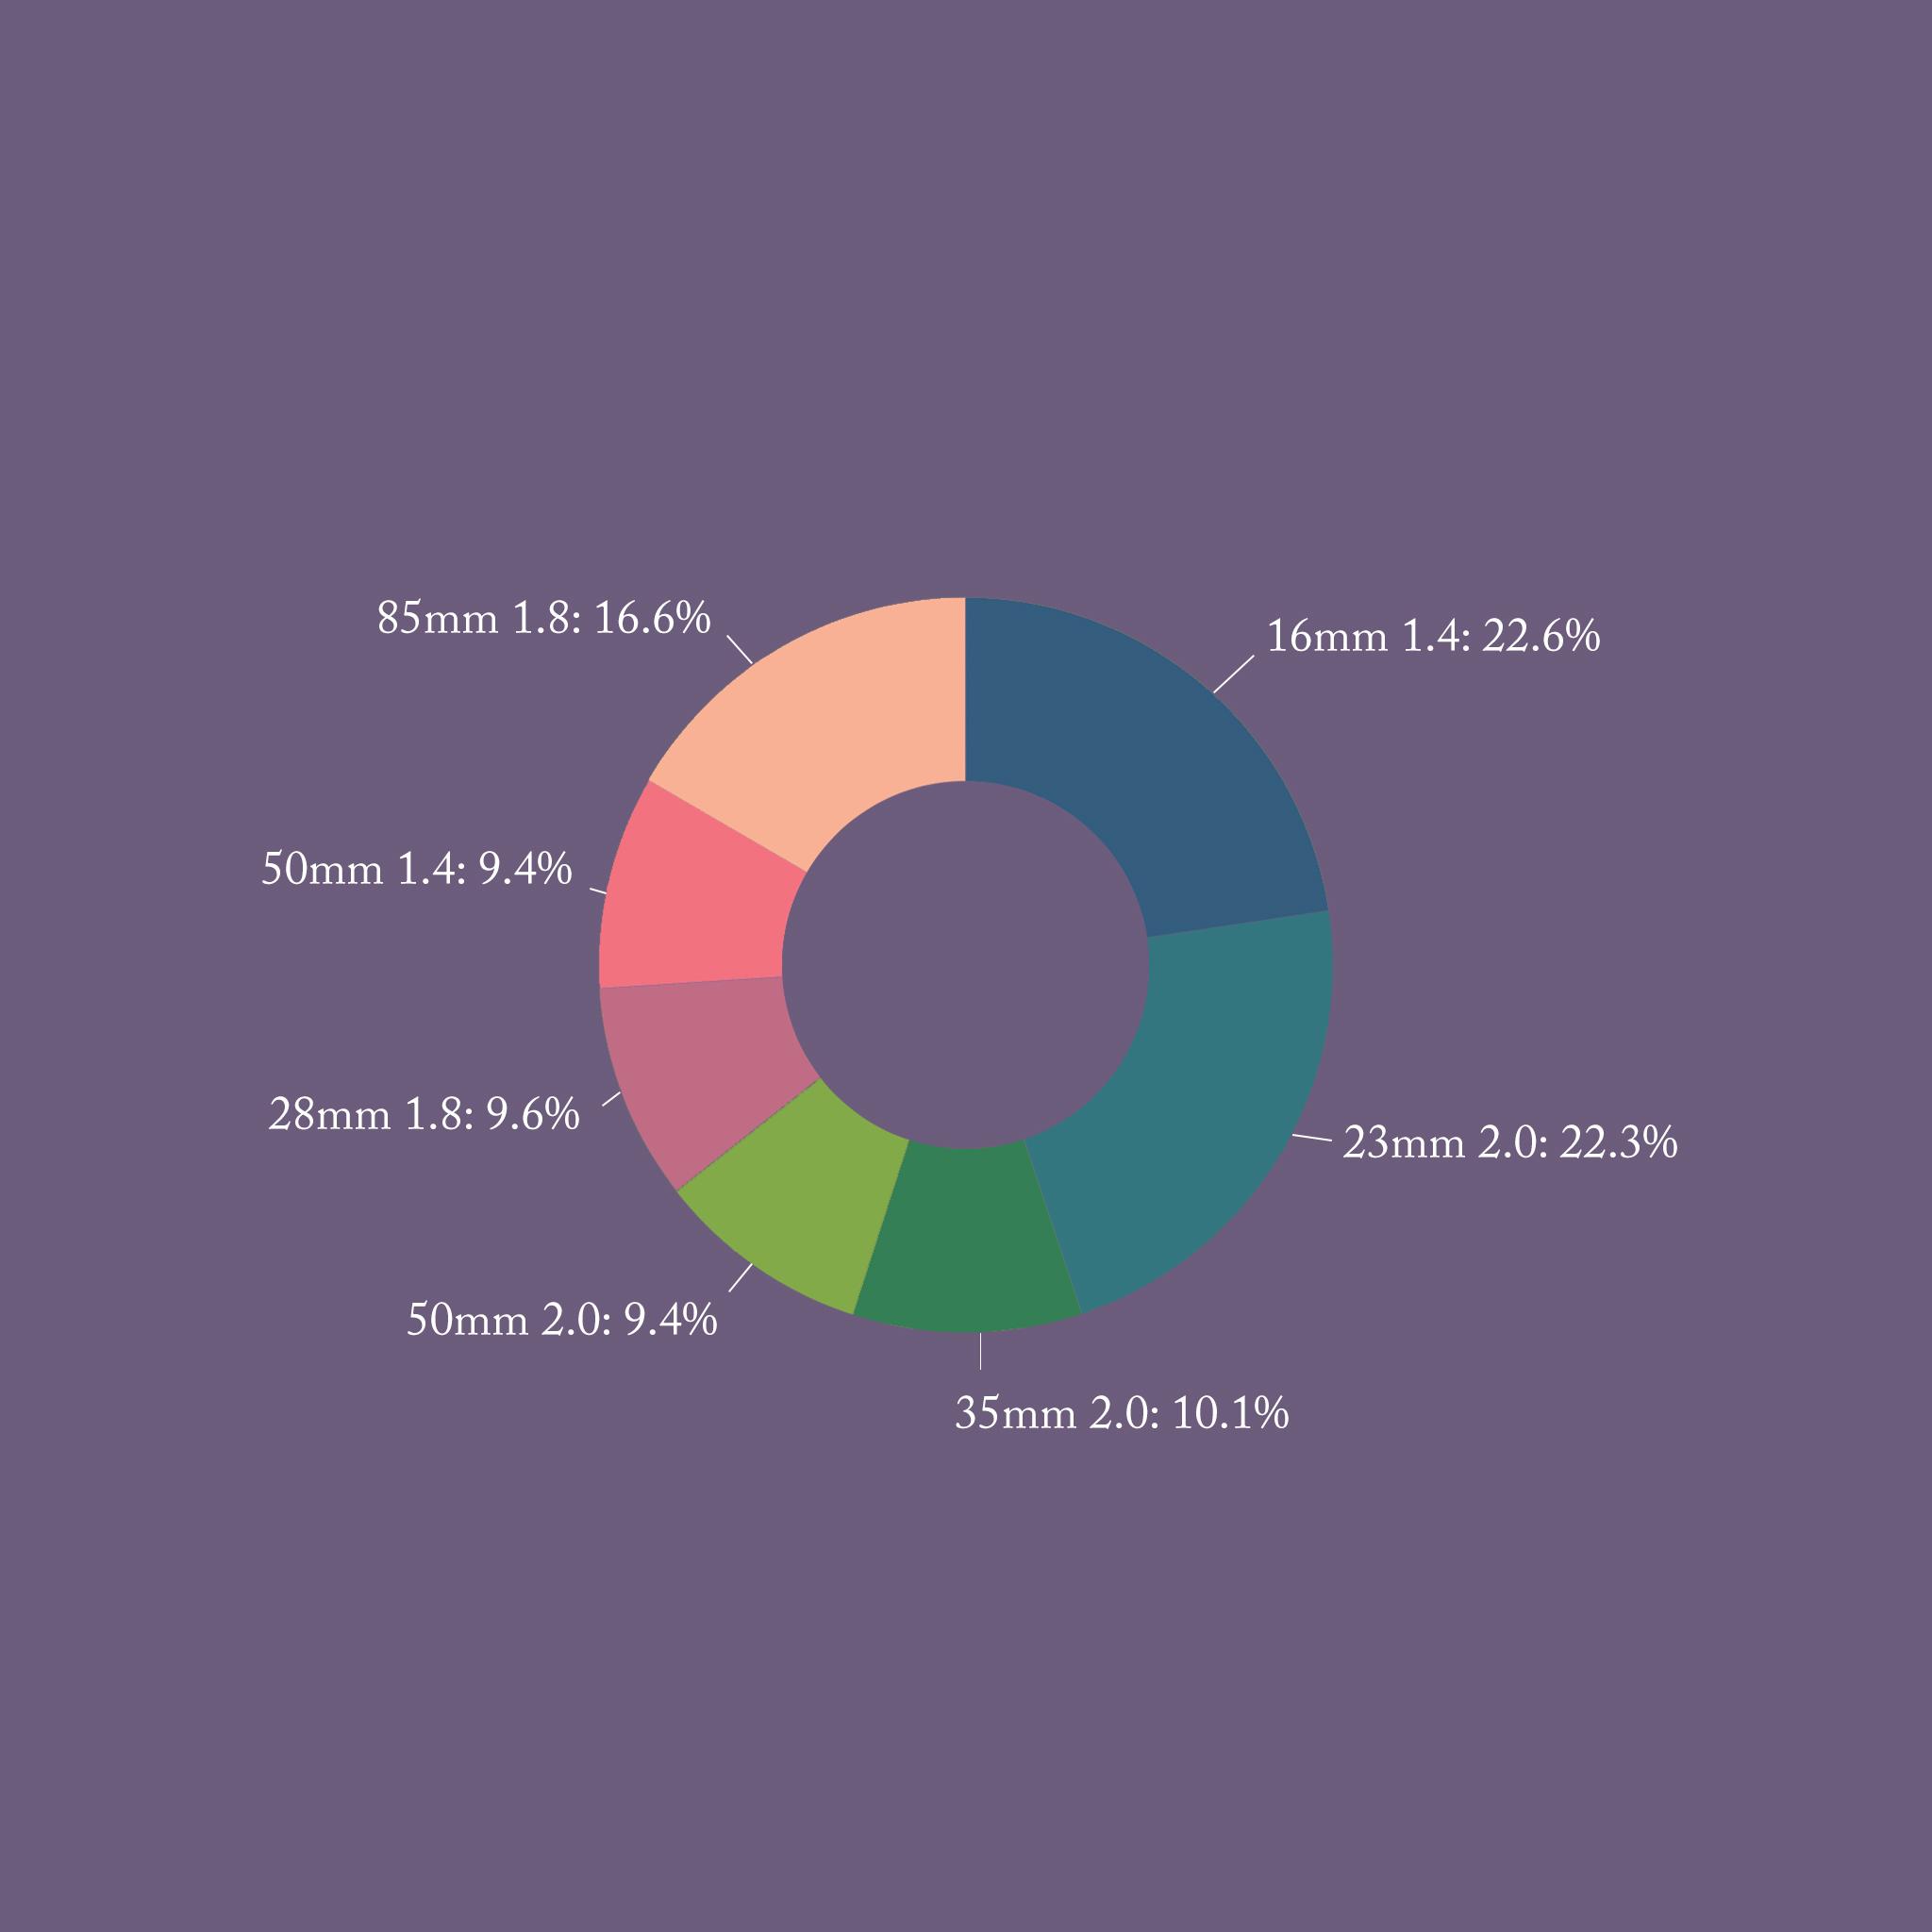 lens-use-graph-alex-tran